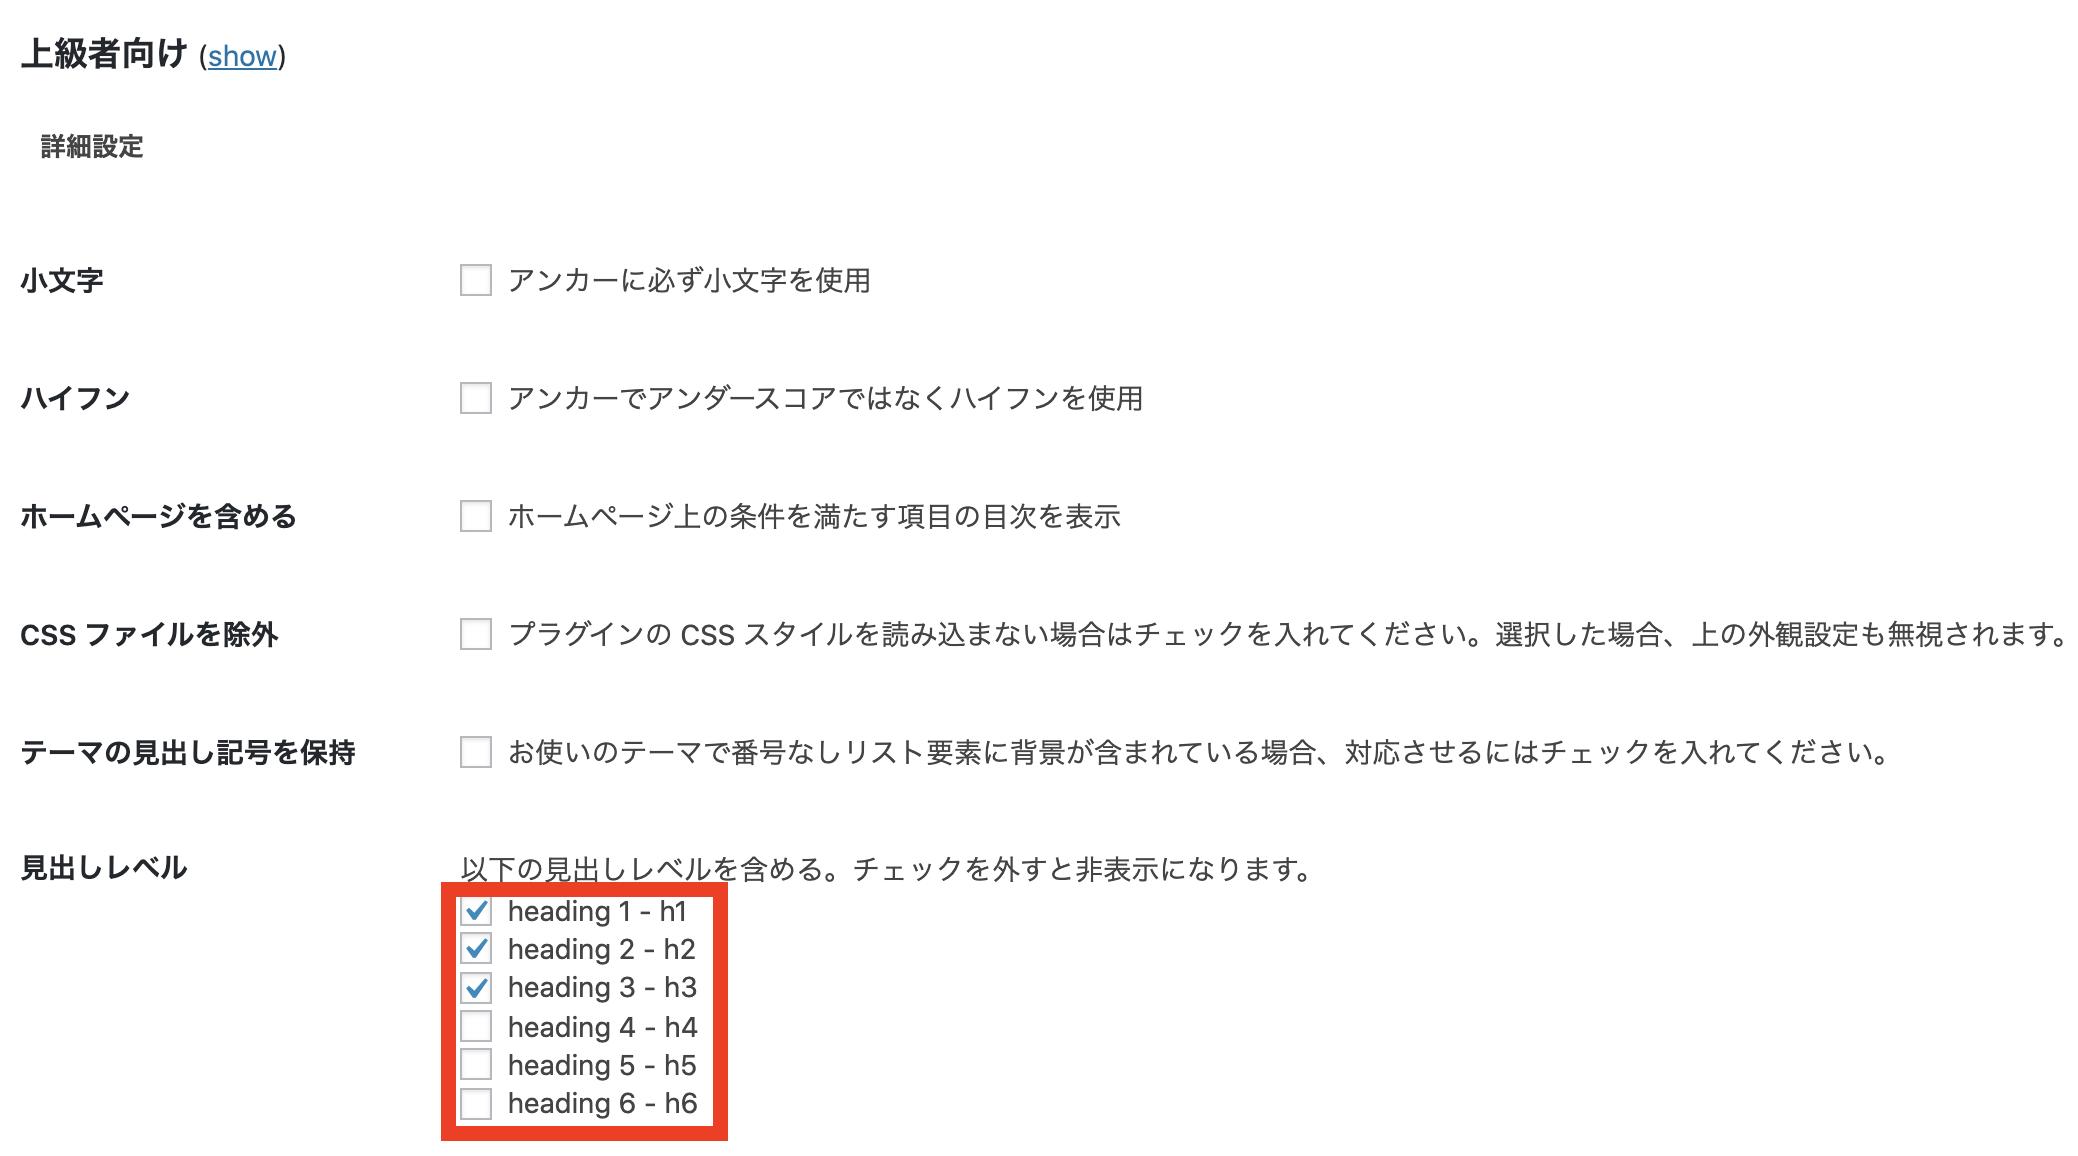 スクリーンショット 2020-05-17 16.08.04